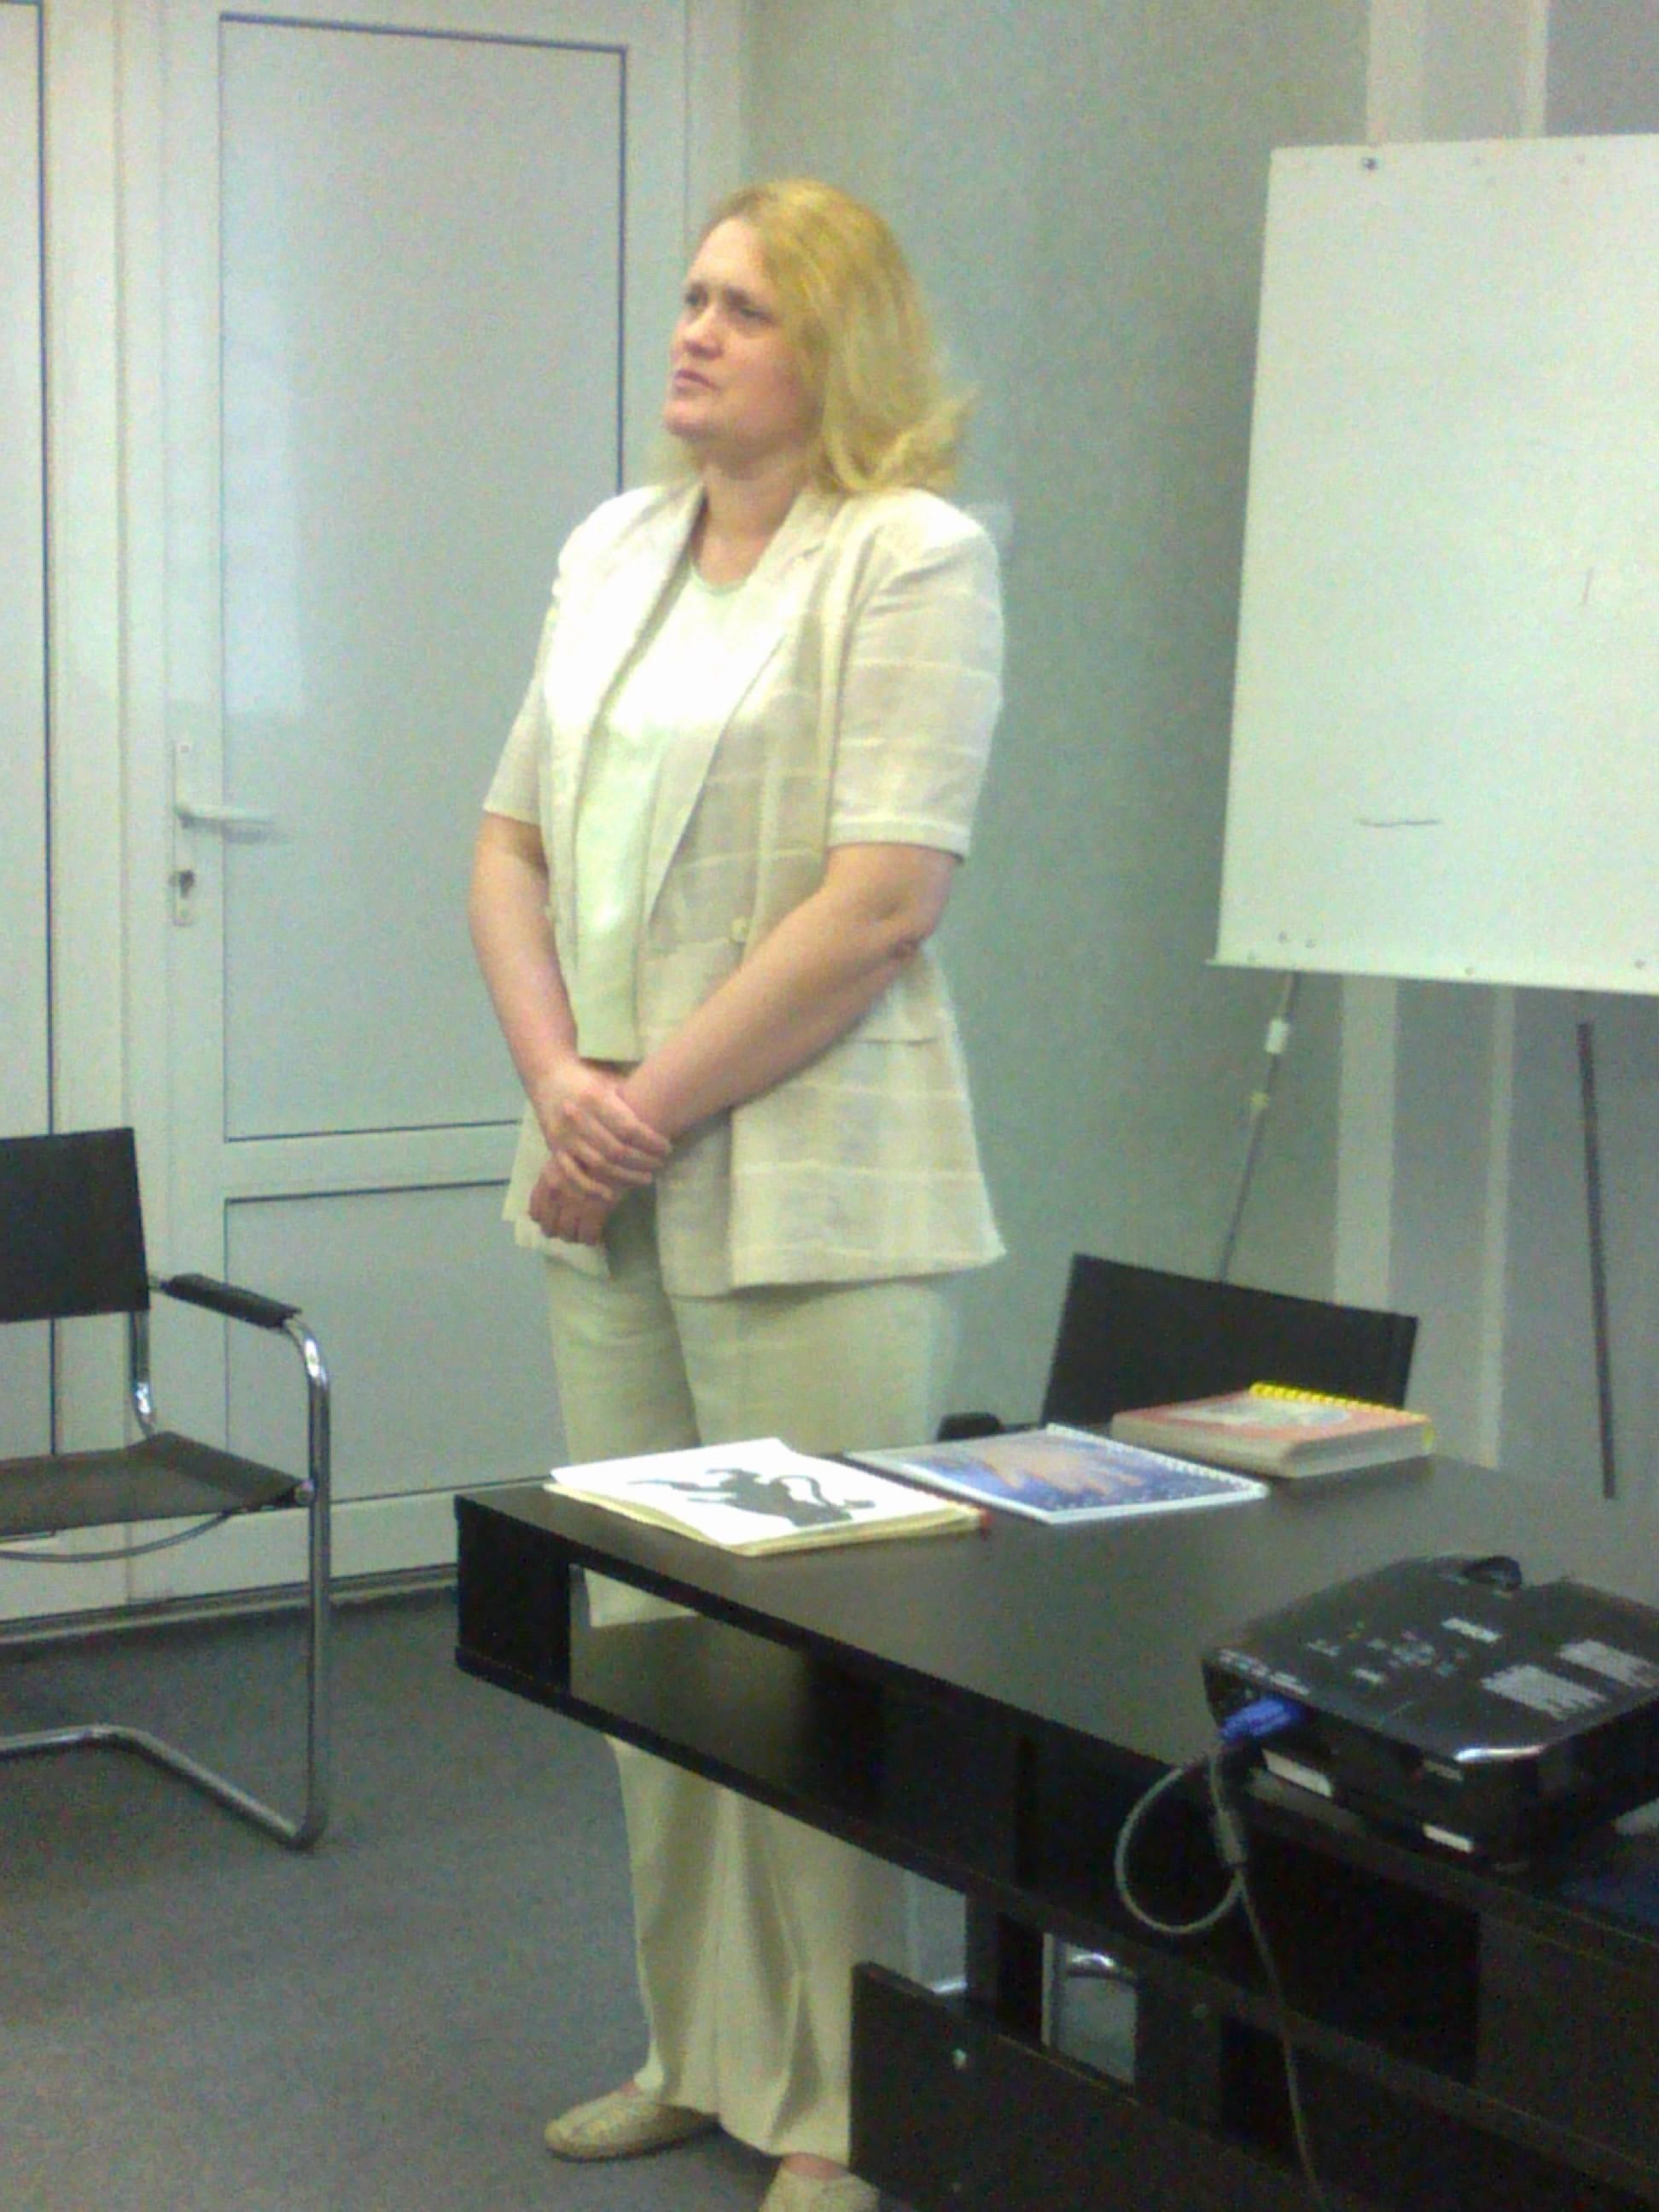 Семінар в Ужгороді 29.04.2012 р. Модератор Оксана Потимко